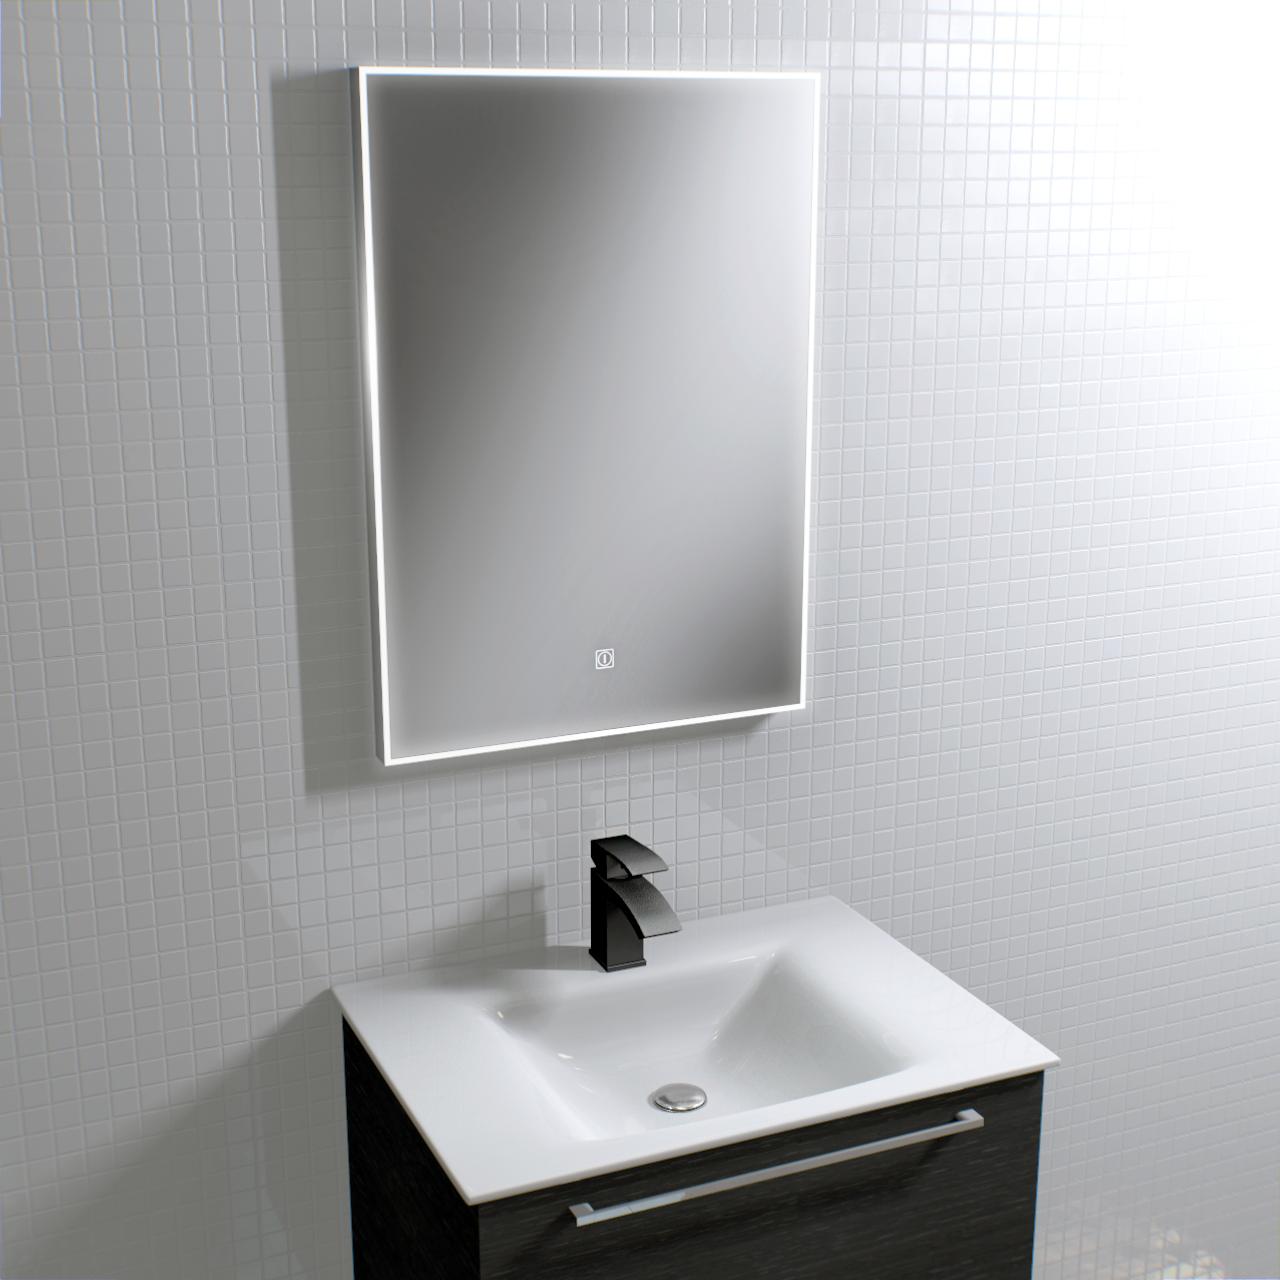 Ariel 500 X 700 Mirror In 2020 With Images Mirror Contemporary Mirror Bathroom Design